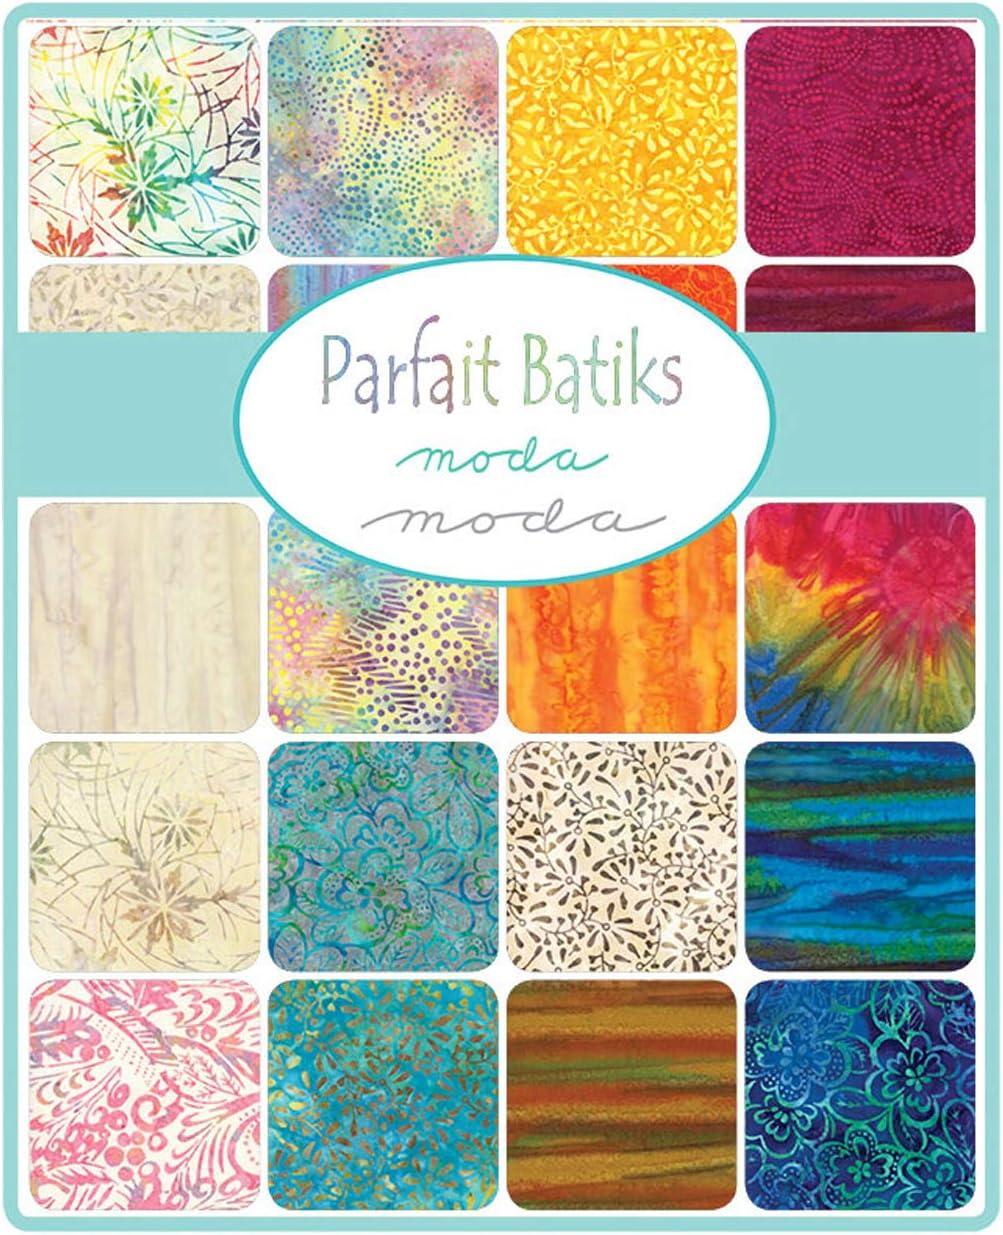 MODA Parfait Batiks Charm Pack Classics; 42-5 inch Precut Fabric Quilt Squares